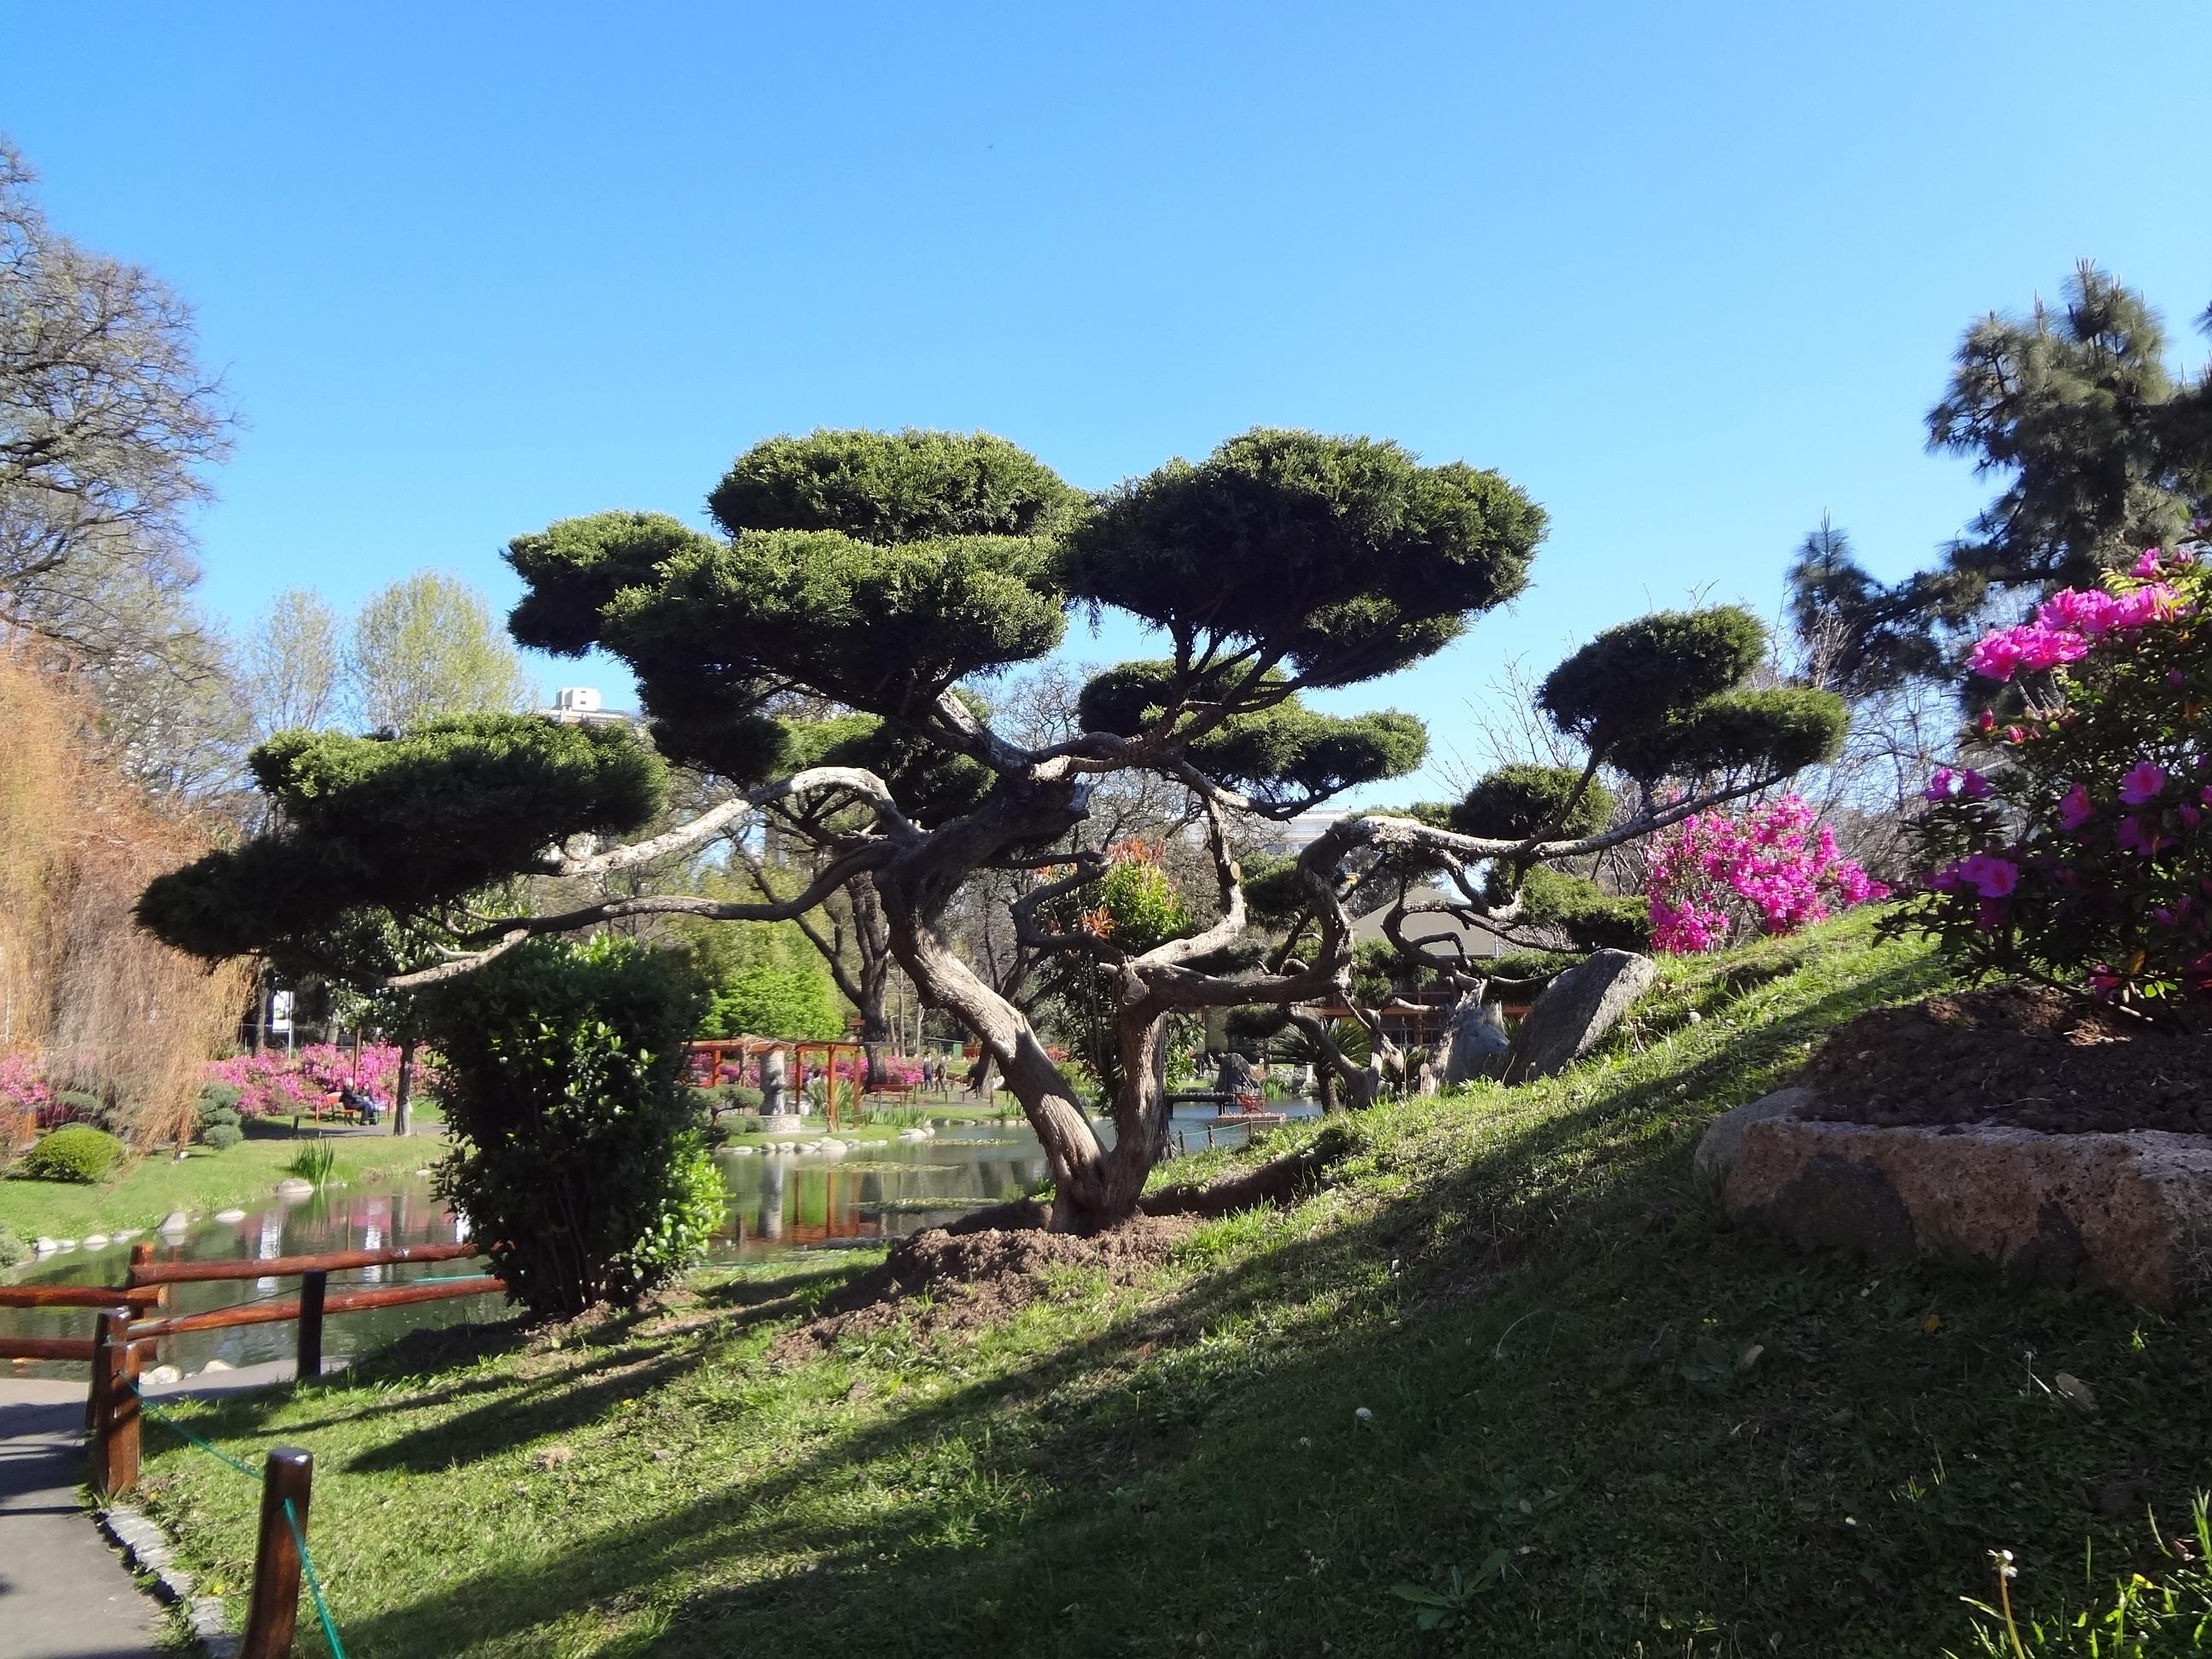 Fotos gratis rbol planta c sped flor bot nica flora jard n japon s arbusto jard n - Cesped japones fotos ...